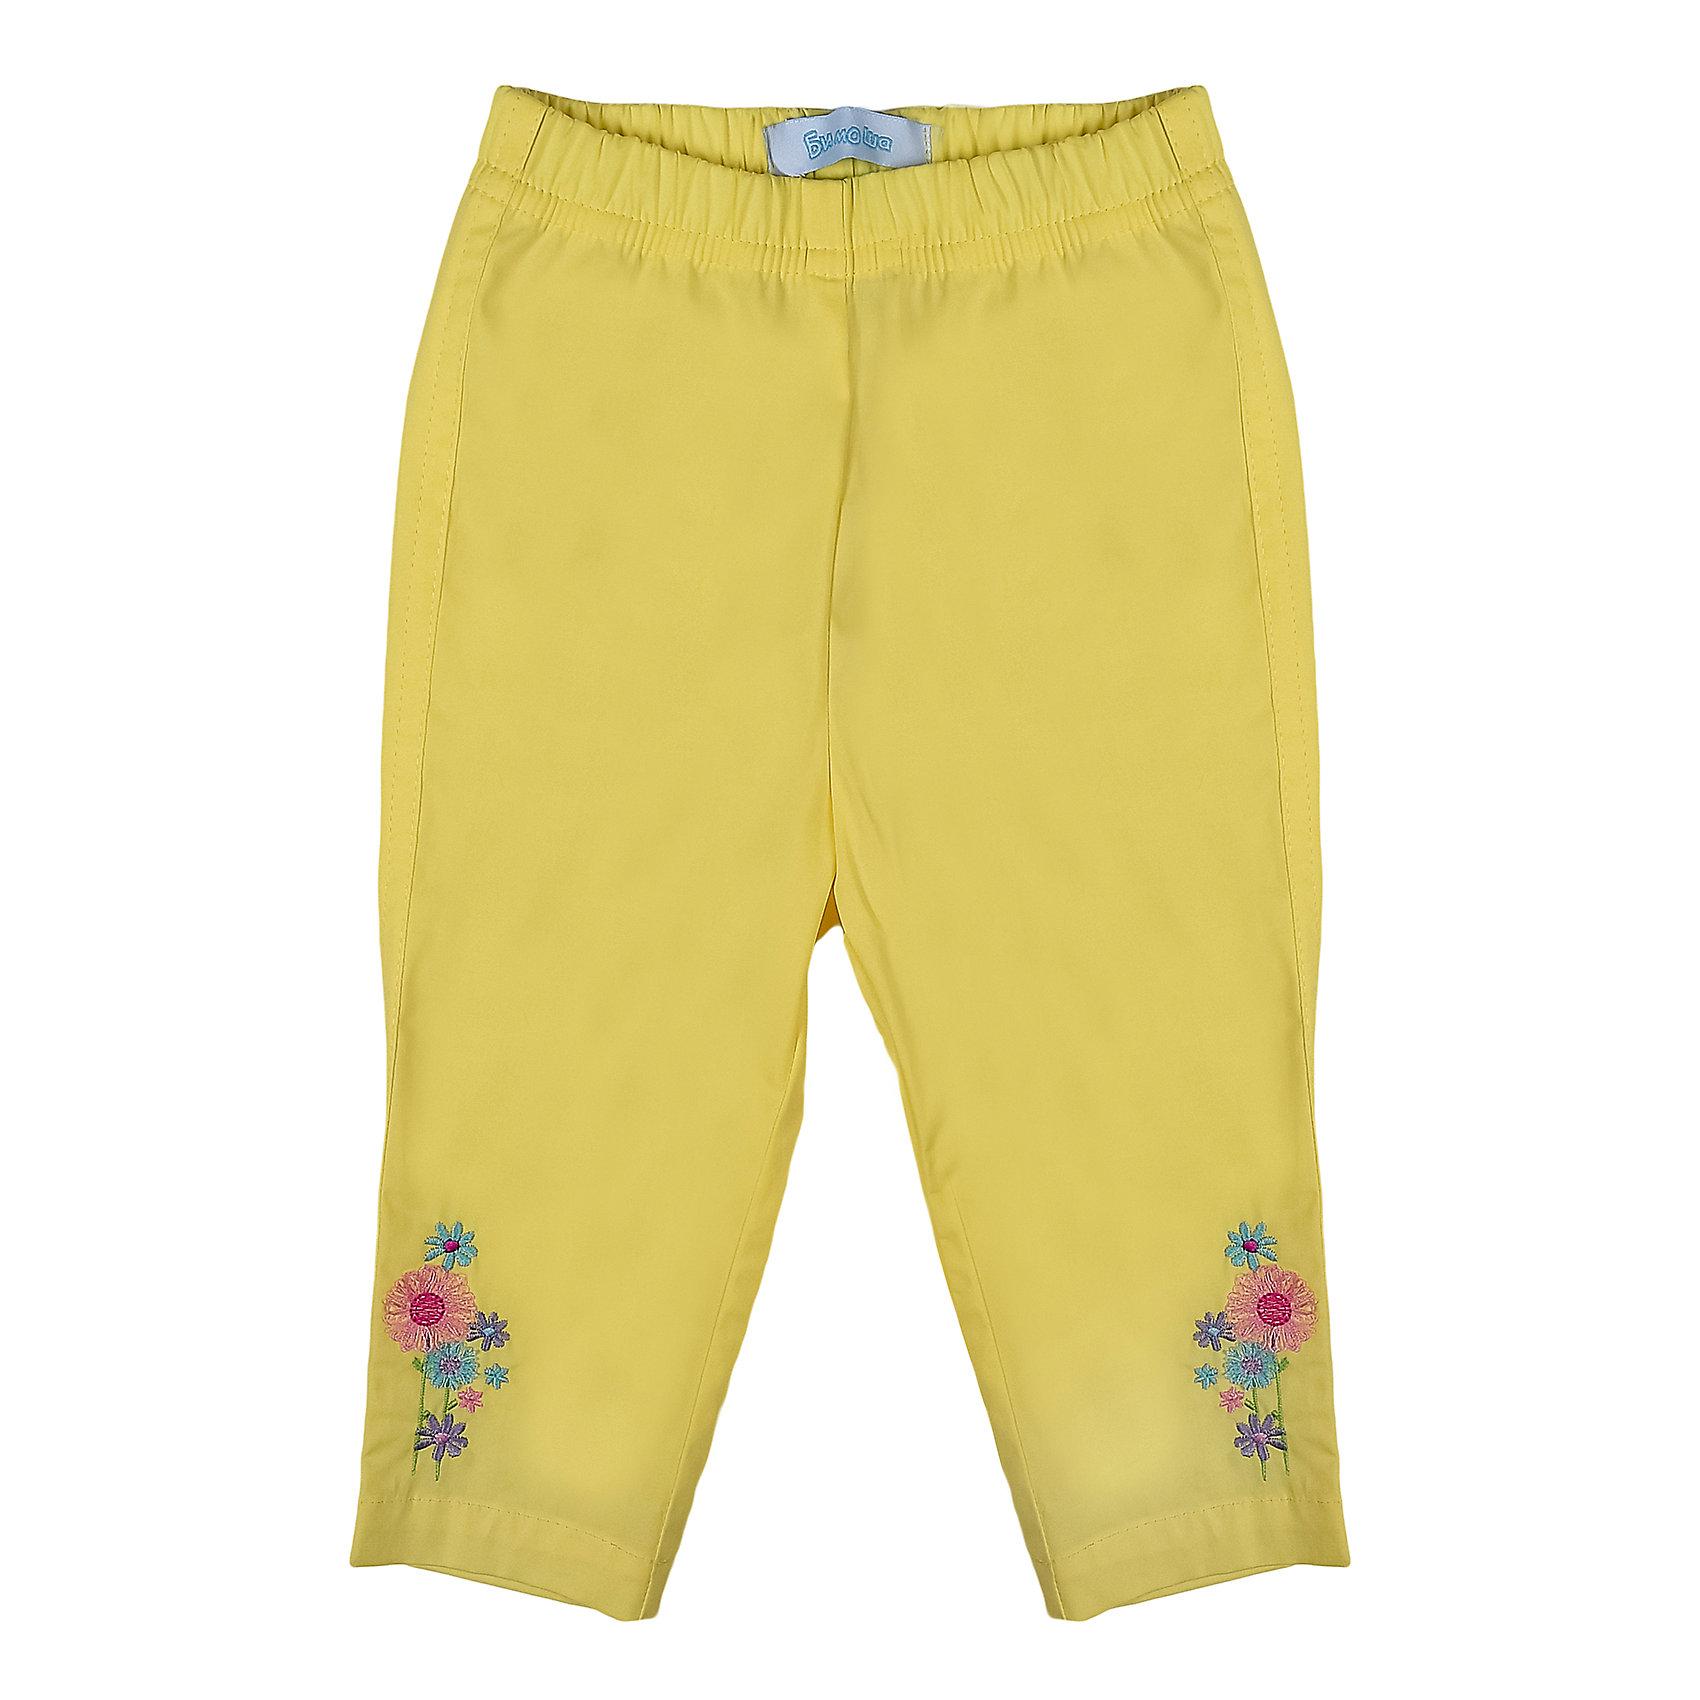 Брюки для девочки БимошаОднотонные зауженные брюки украшены вышивкой, пояс на резинке. Состав: Поплин 97% хлопок, 3% эластан<br><br>Ширина мм: 215<br>Глубина мм: 88<br>Высота мм: 191<br>Вес г: 336<br>Цвет: желтый<br>Возраст от месяцев: 18<br>Возраст до месяцев: 24<br>Пол: Женский<br>Возраст: Детский<br>Размер: 92,86,80,68,74<br>SKU: 4645360